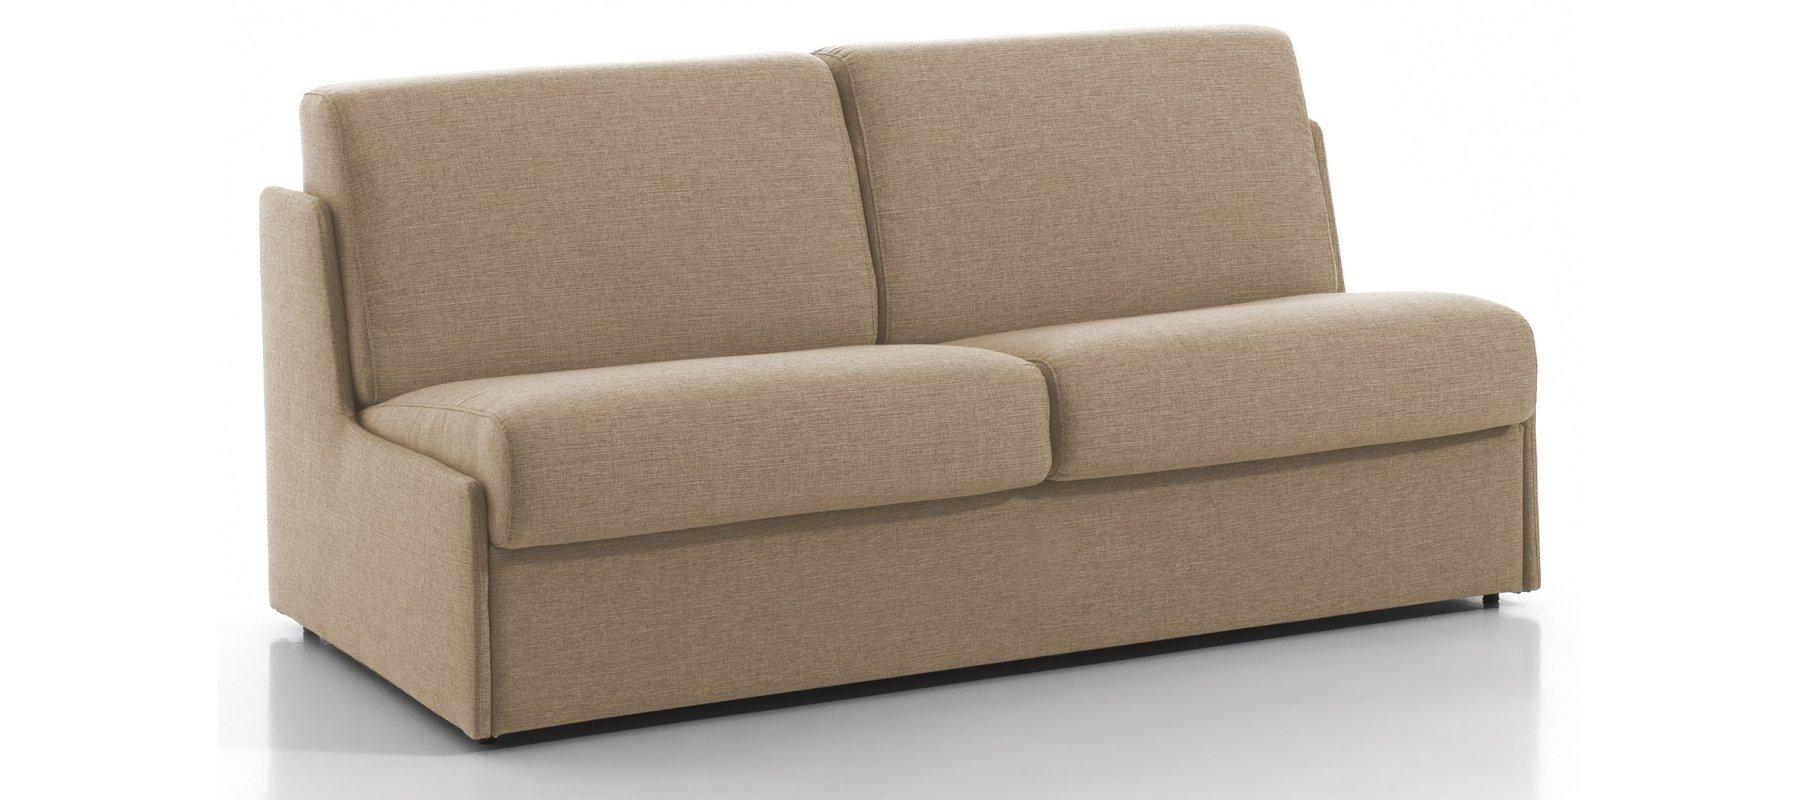 canap lit rapido 120 cm marseille sans accoudoirs gain de place 869. Black Bedroom Furniture Sets. Home Design Ideas